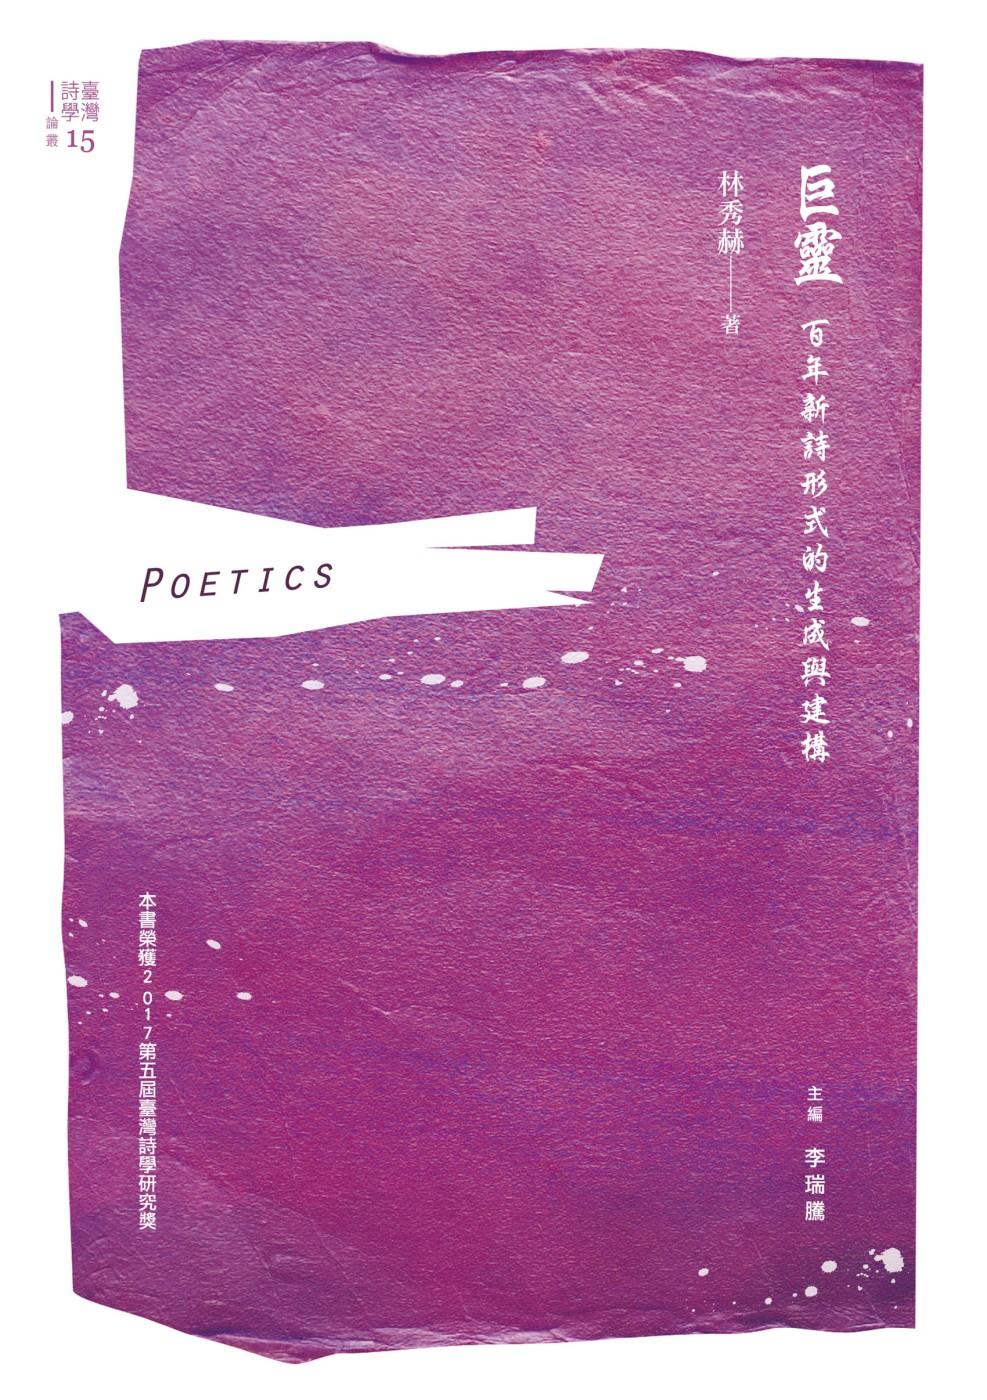 巨靈:百年新詩形式的生成與建構